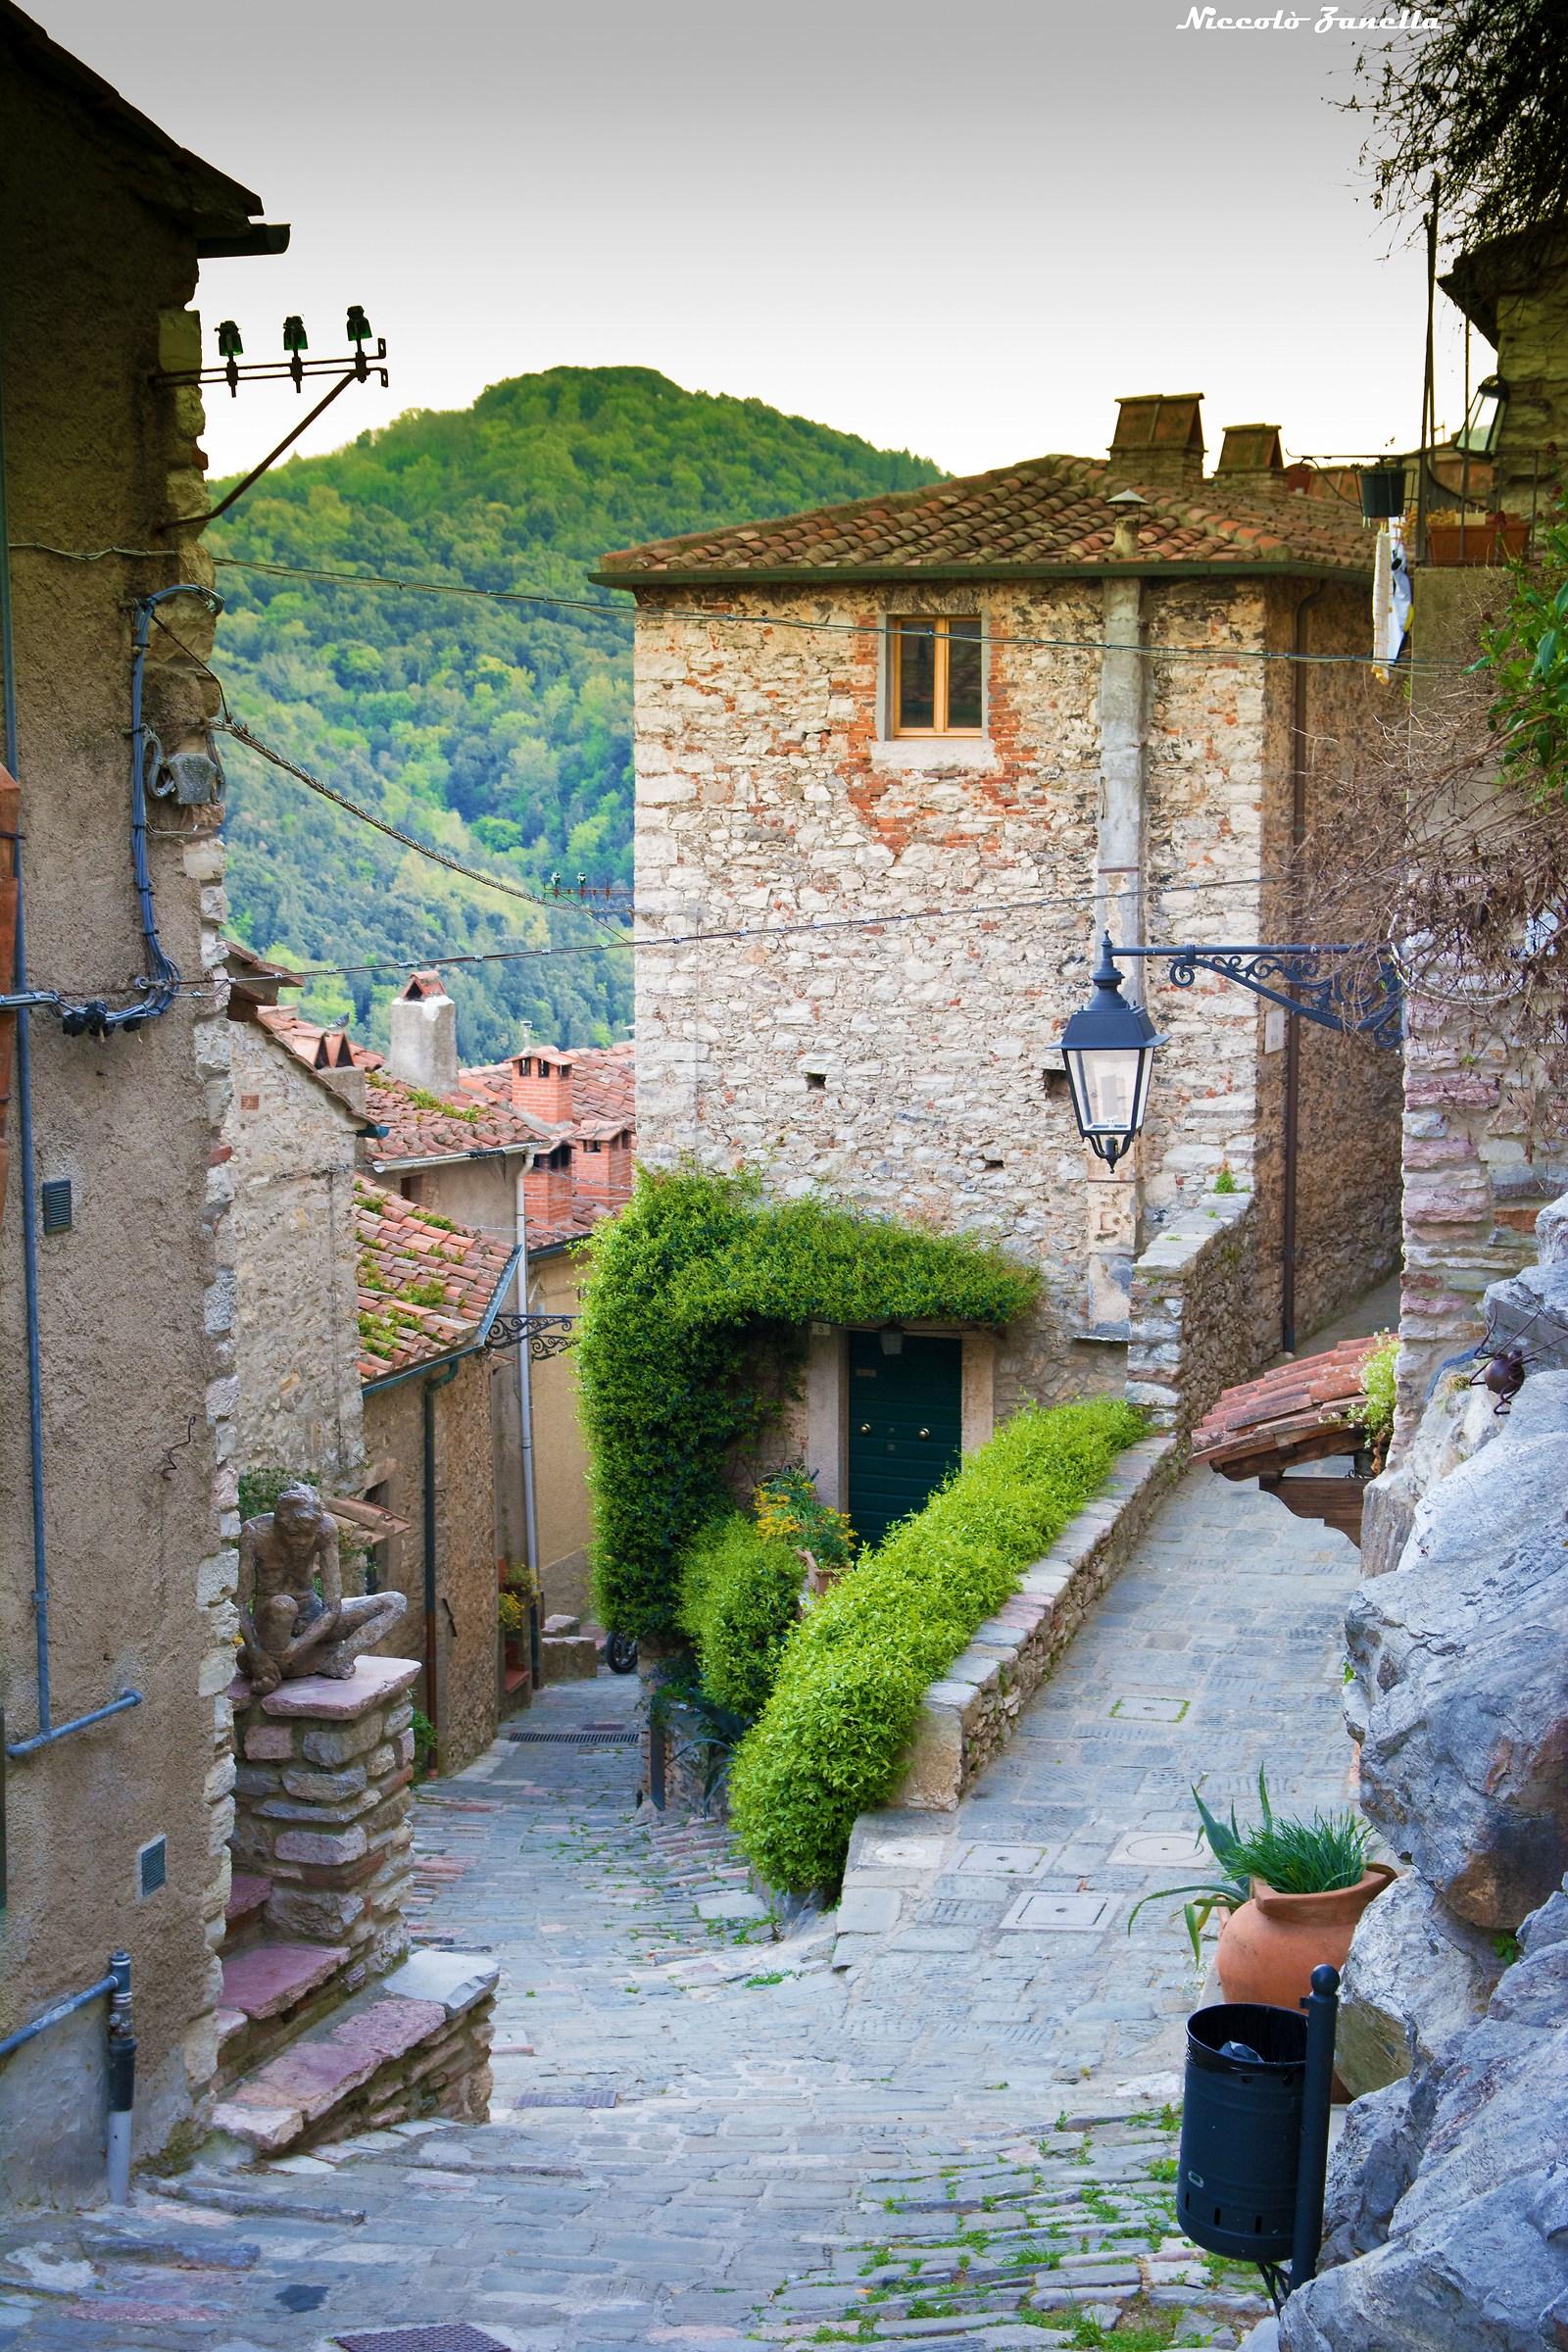 In the village of Sassetta...